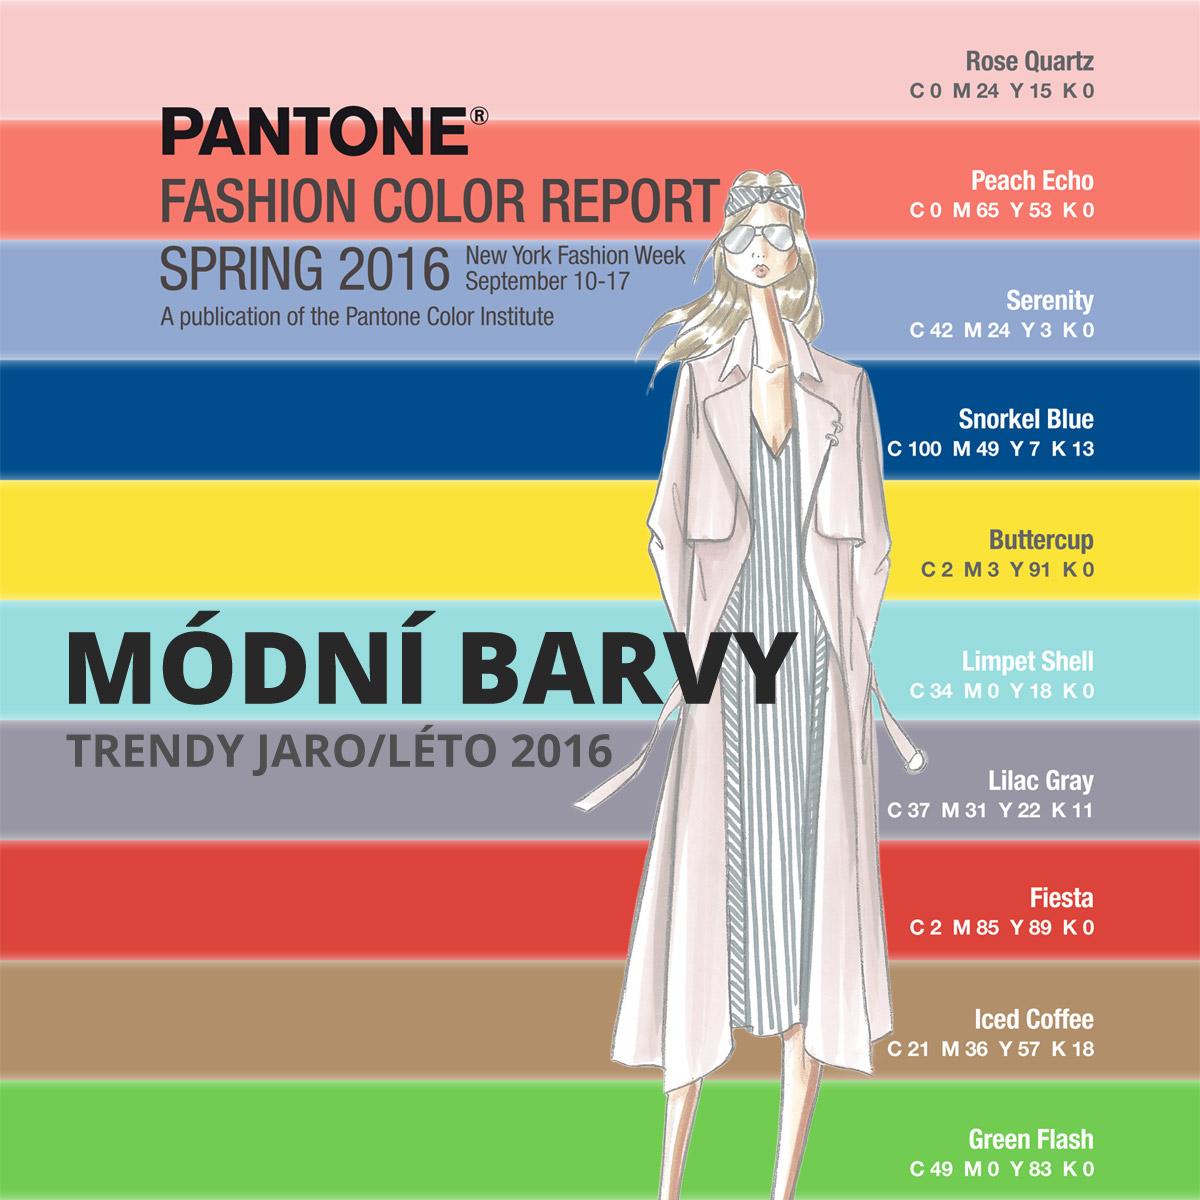 Barvy 2016 – módní barvy pro sezónu jaro a léto 2016. Trendy barvy pro oblečení, módní doplňky, nábytek, interiéry i pro kosmetiku a jako inspirace pro kadeřníky.